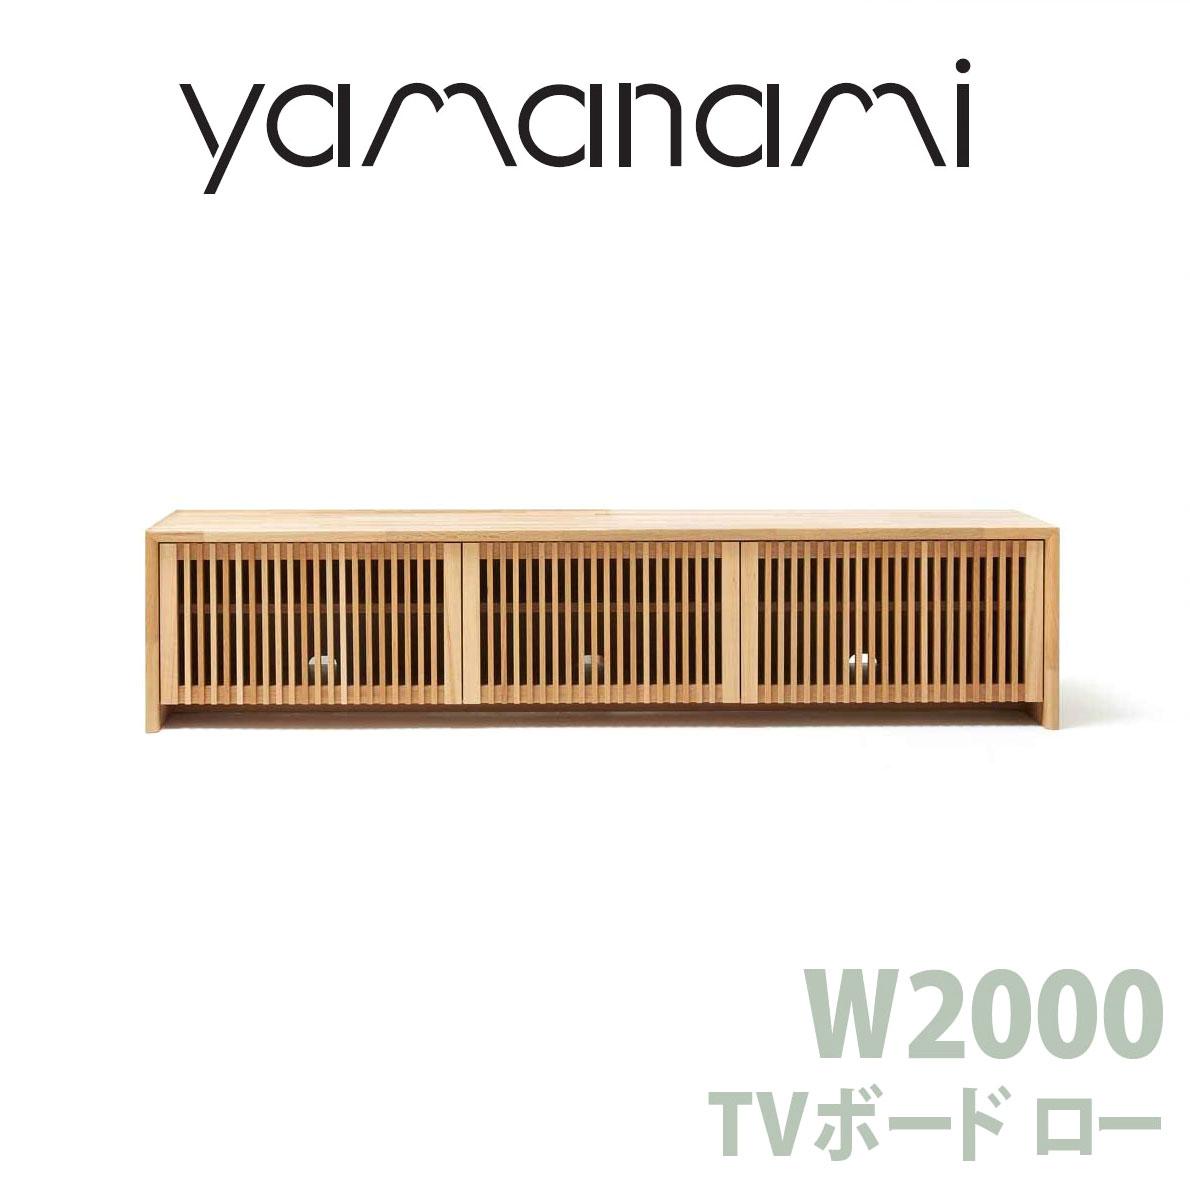 【送料無料】匠工芸 yamanami TVボード ロー W2000 オーク YTB1 low【テレビ オーディオ テレビ台 サイドボード 日本製 木製 家具 ウッド】